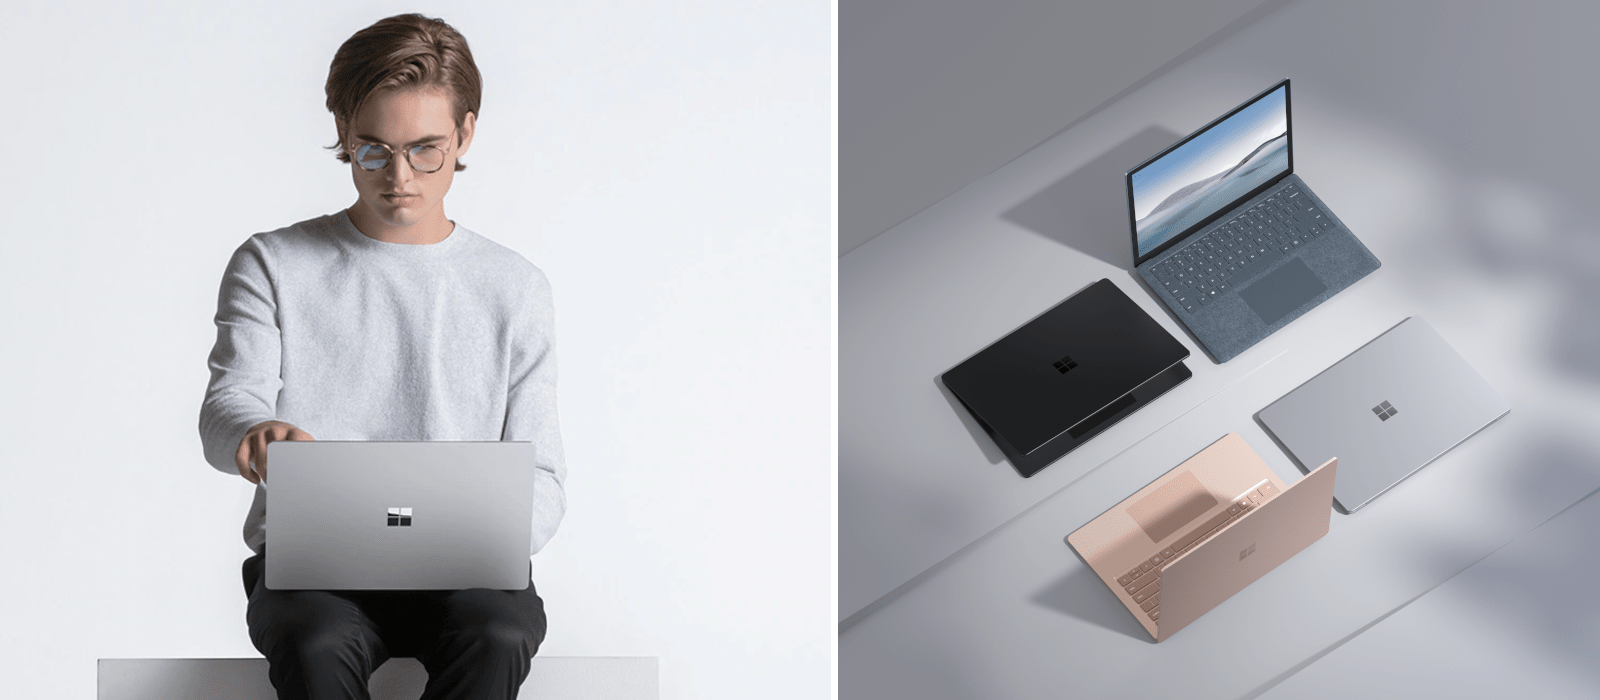 Auf dem linken Bild hat eine Personen einen Surface Laptop auf dem Schoß stehen und sie tippt auf dessen Display. Auf dem rechten Bild sind vier verschiedene Modellvarianten des Surface Laptops dargestellt.